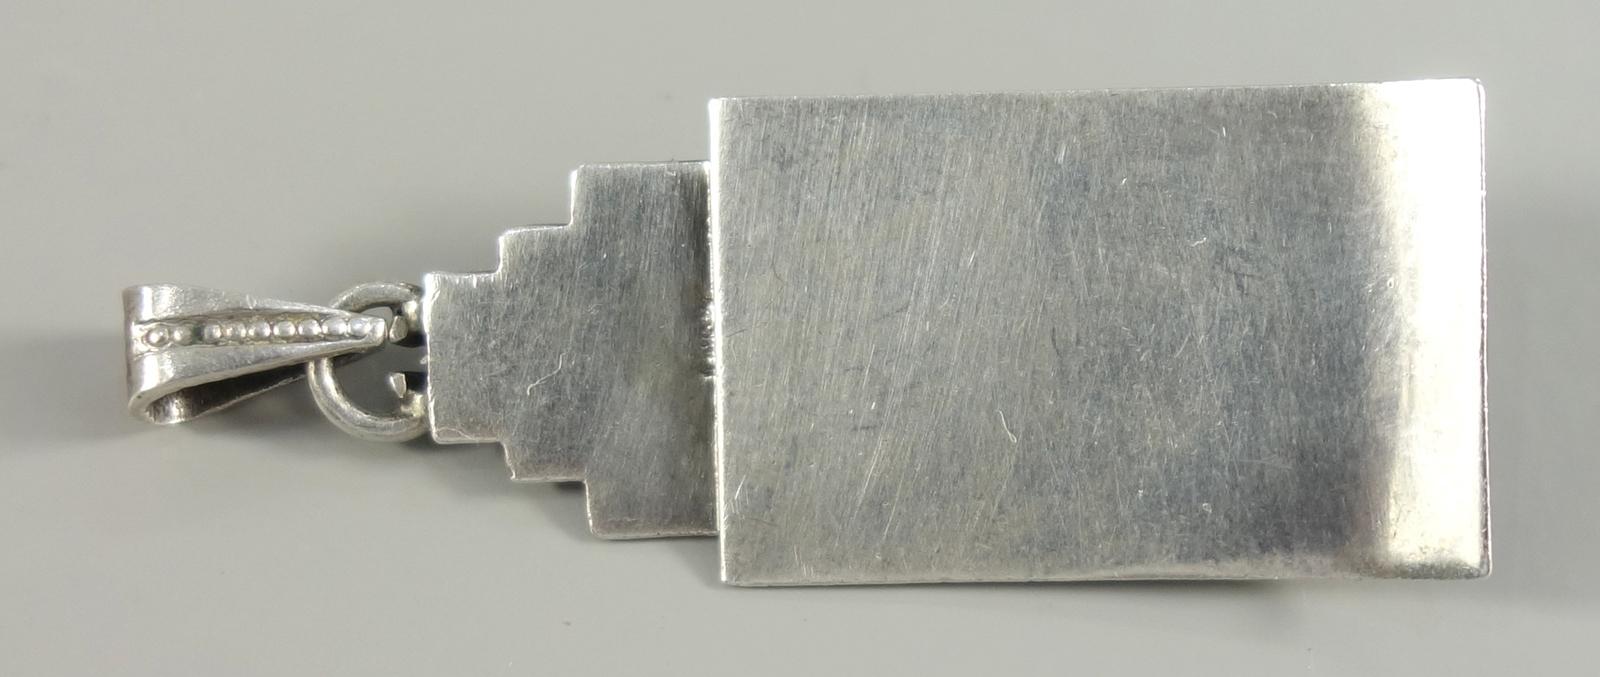 Anhänger mit Korallen-Cabochon, 935er Silber, Art Déco, Gew.4,38g, lachsrote Koralle, Anhänger, tlw. - Bild 2 aus 2